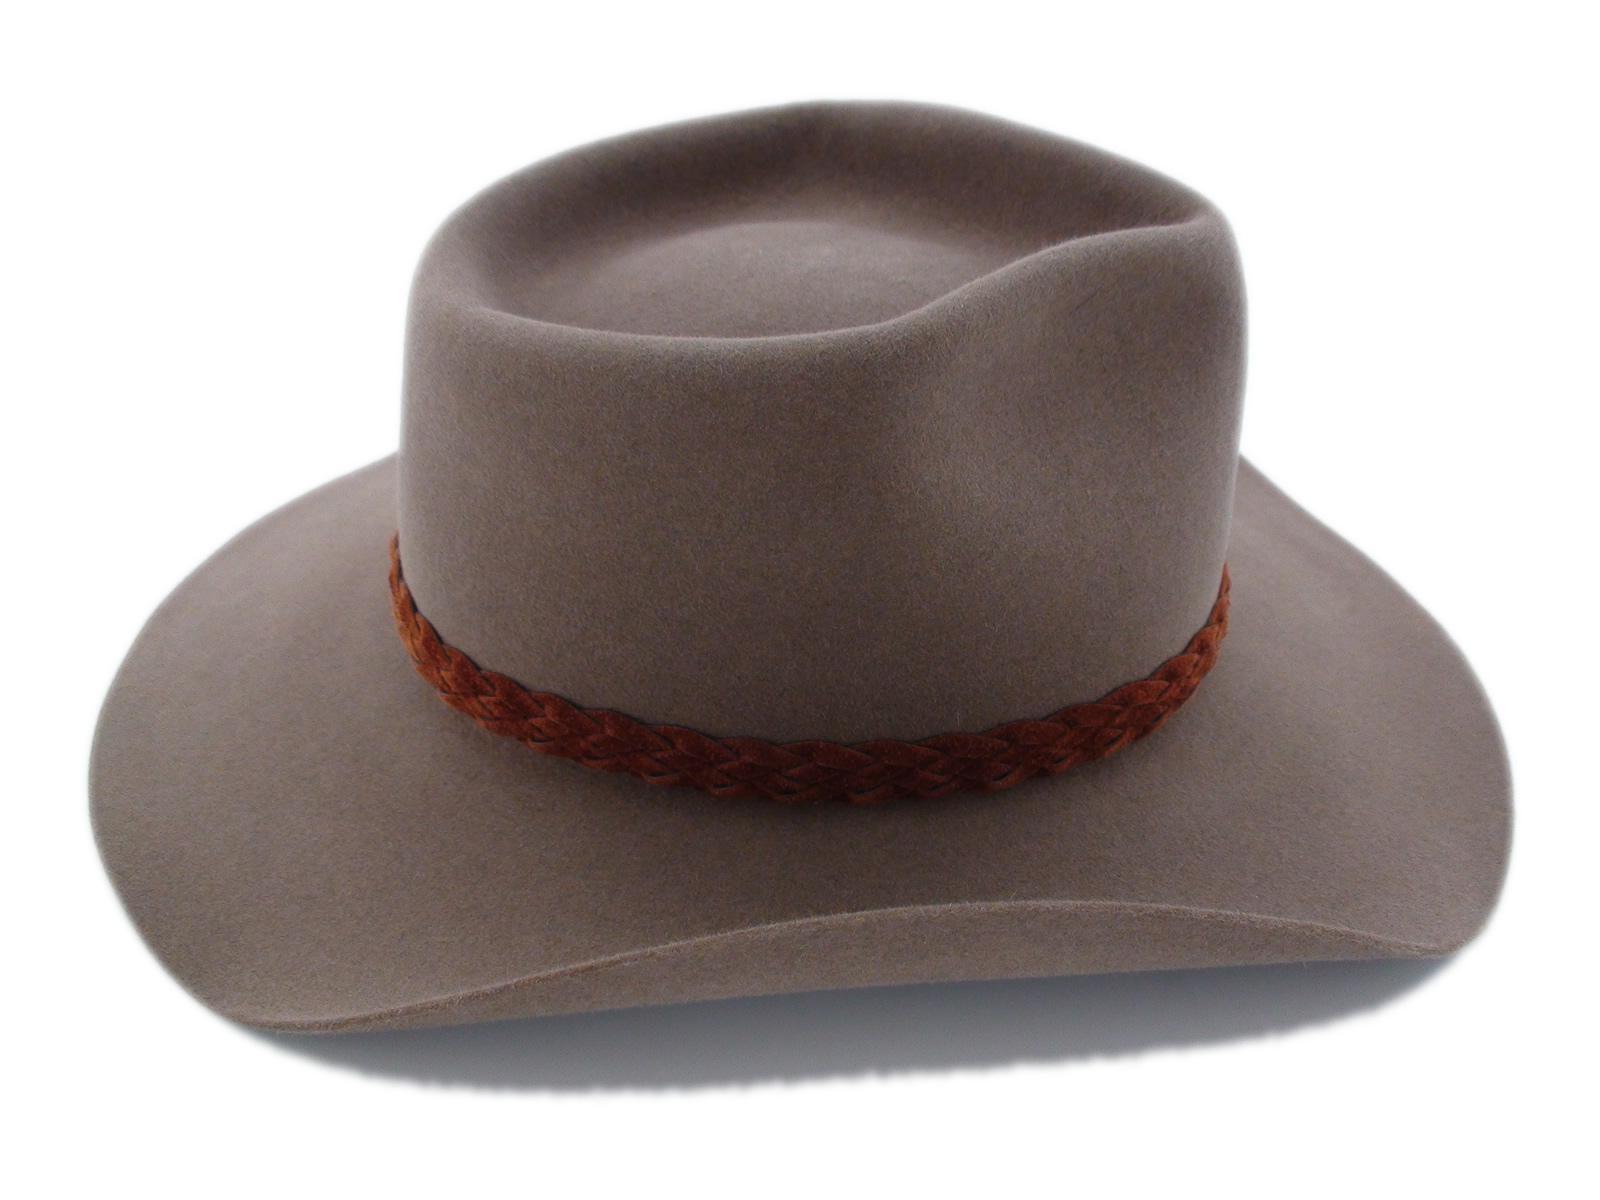 99a6d778 Western Hats For Sale Australia - Parchment'N'Lead